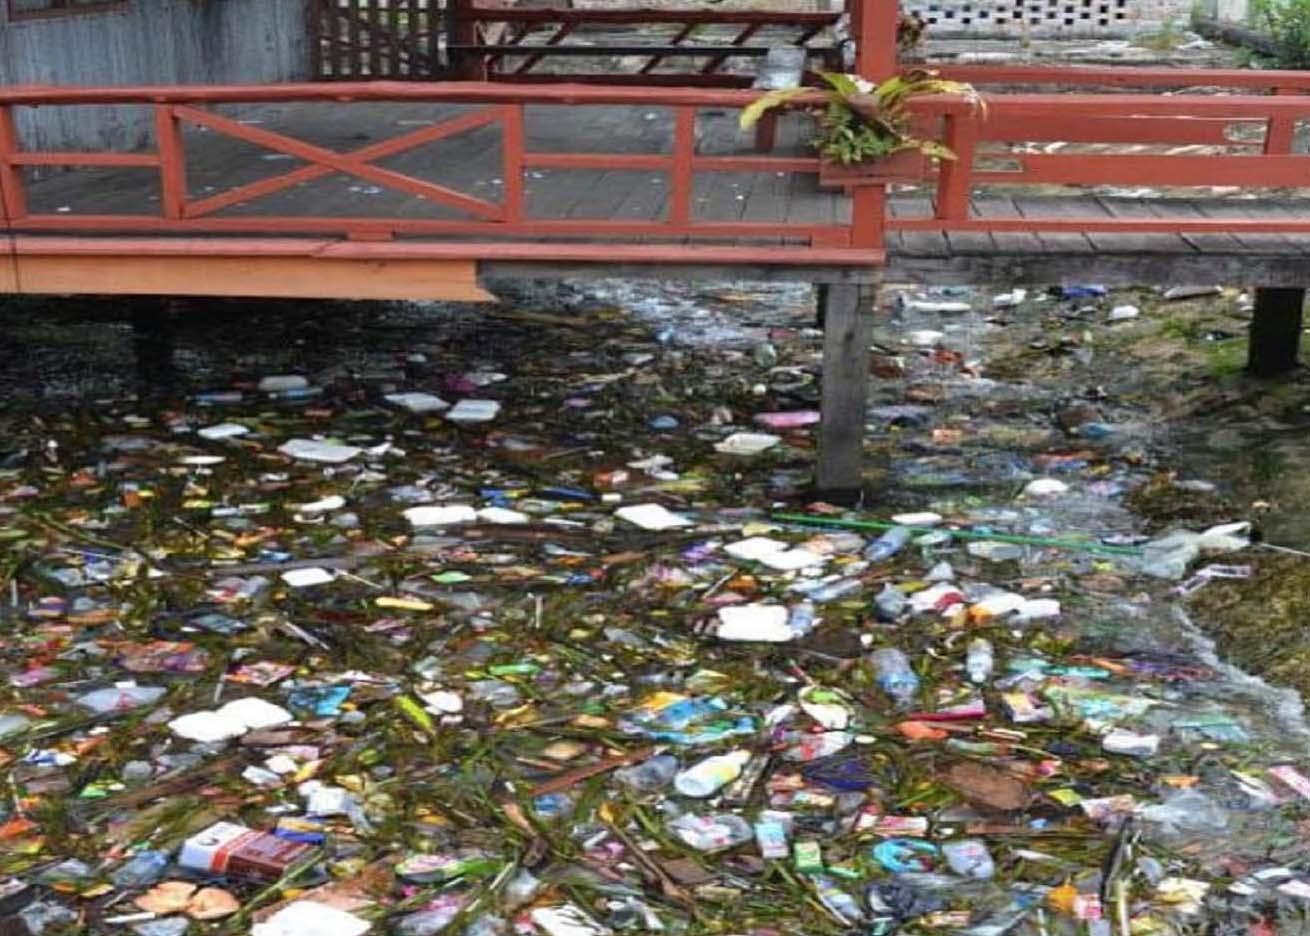 Scuba-Trash-in-Water.jpg